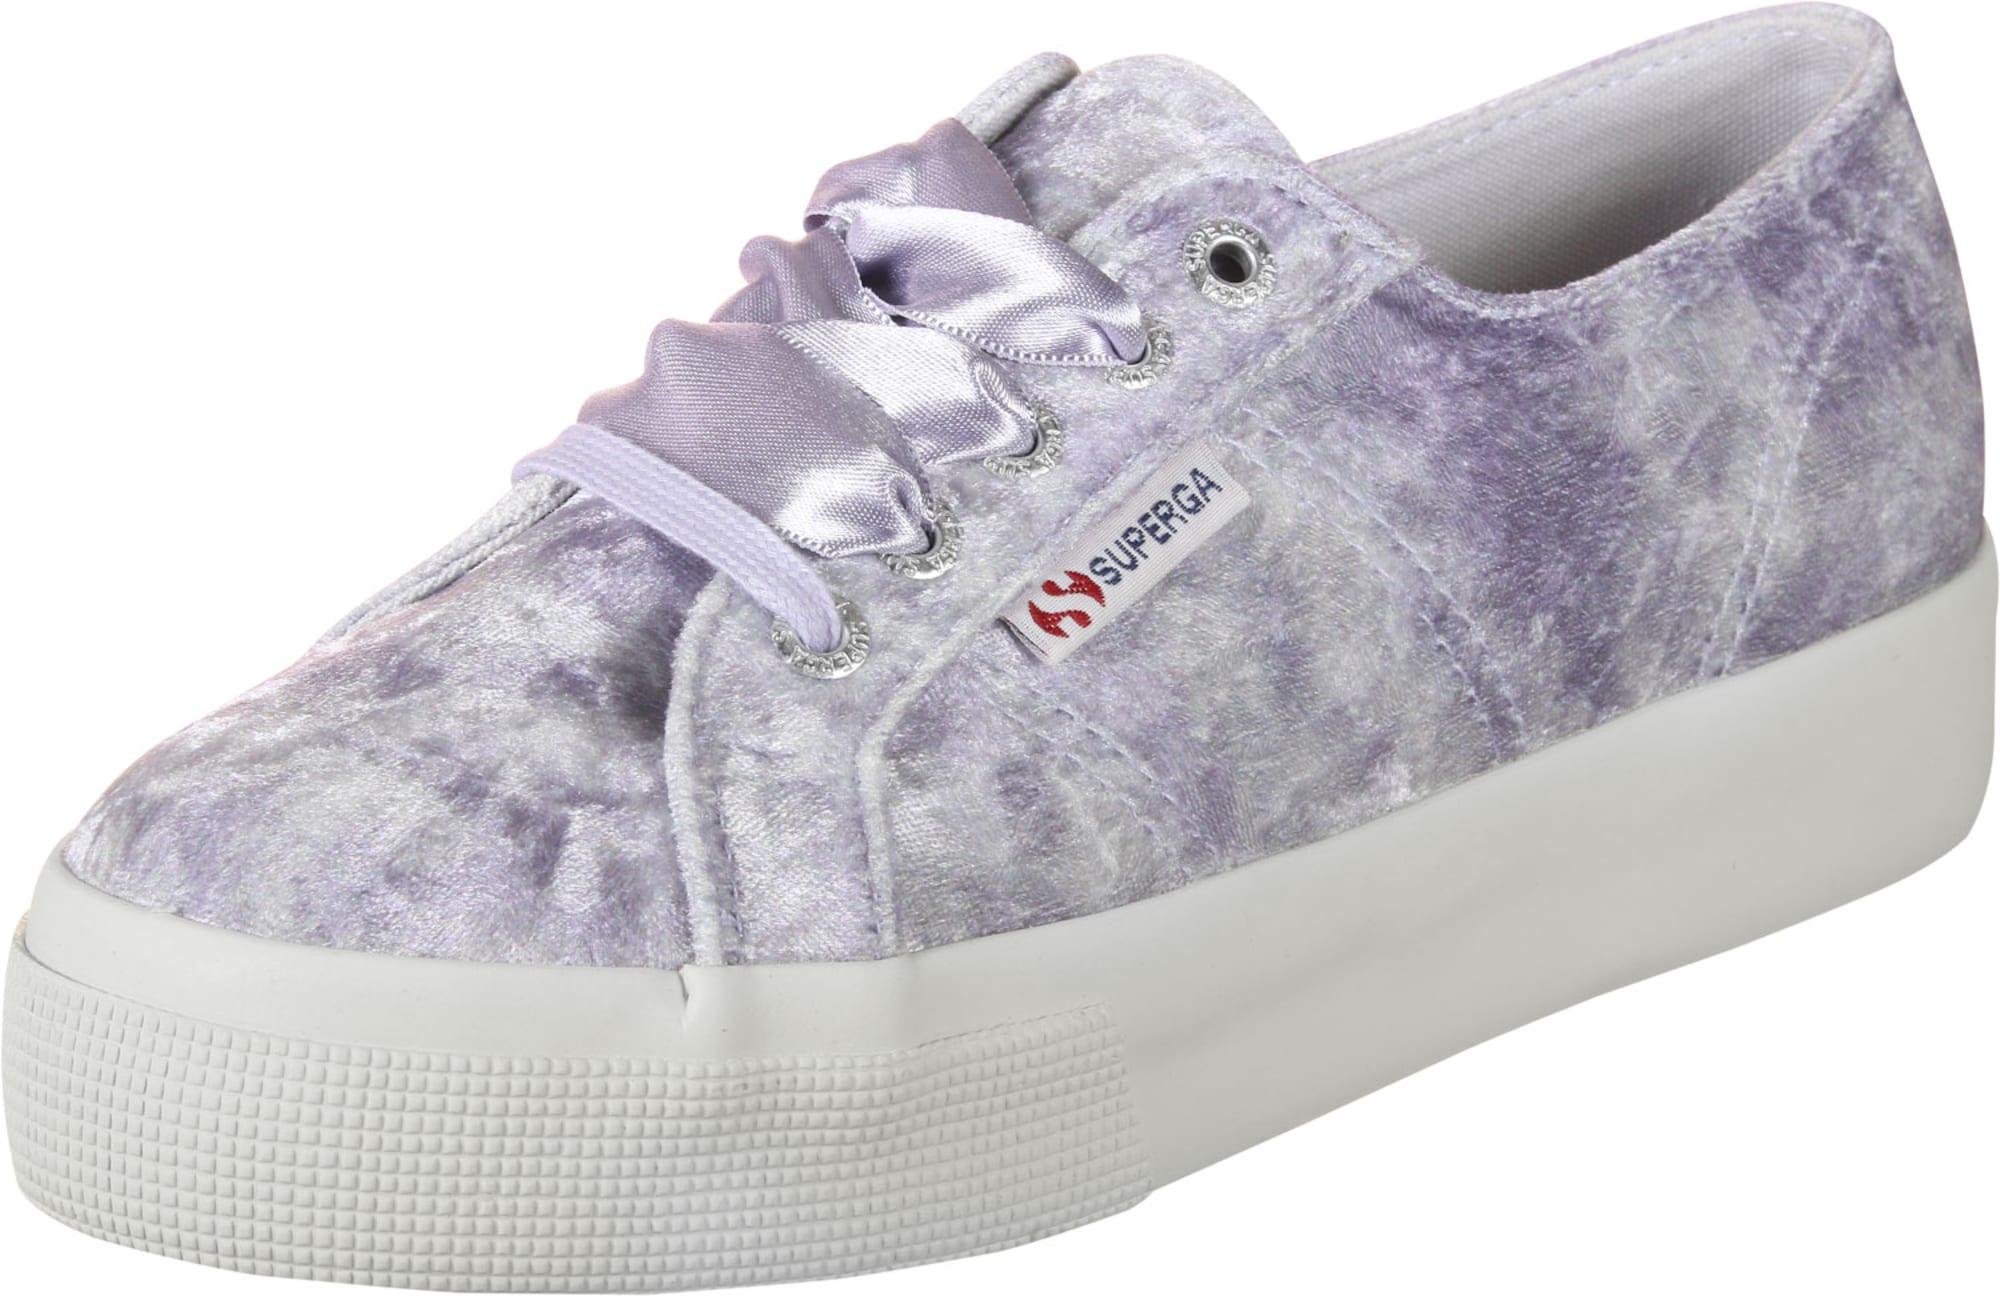 superga - Sneaker ´2730 Velvet Shiny W´